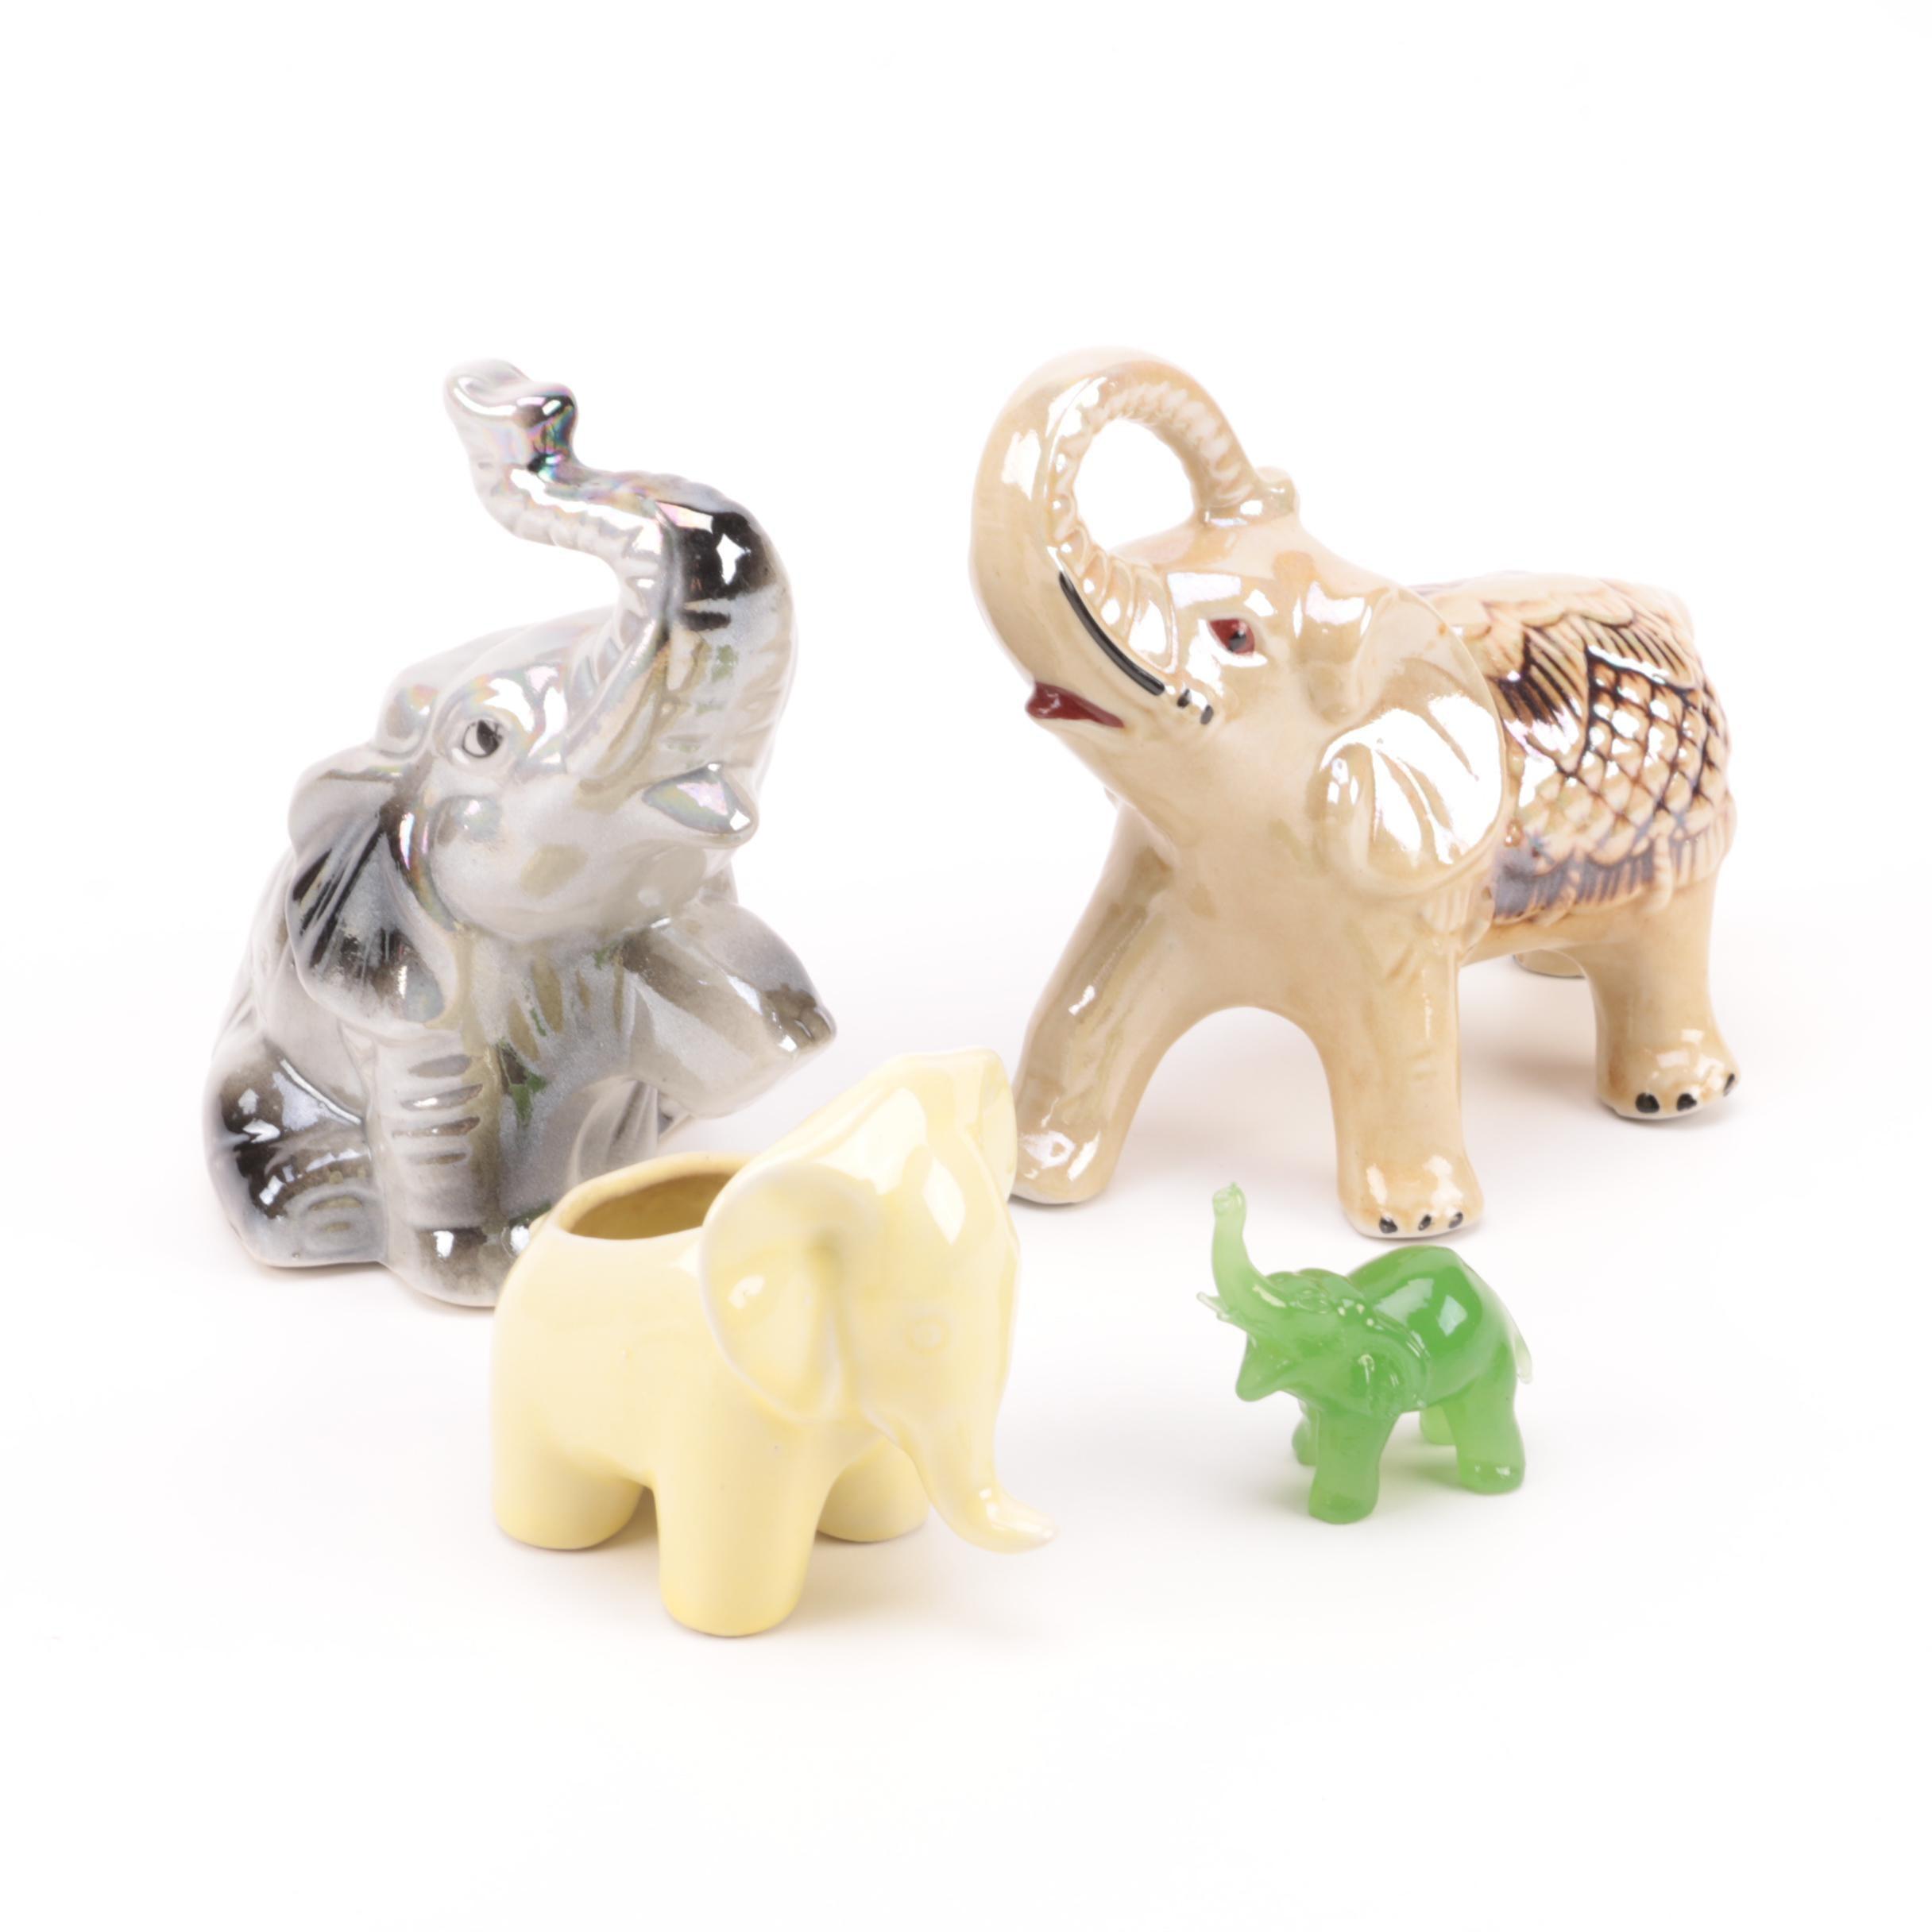 Ceramic and Glass Elephant Figurines